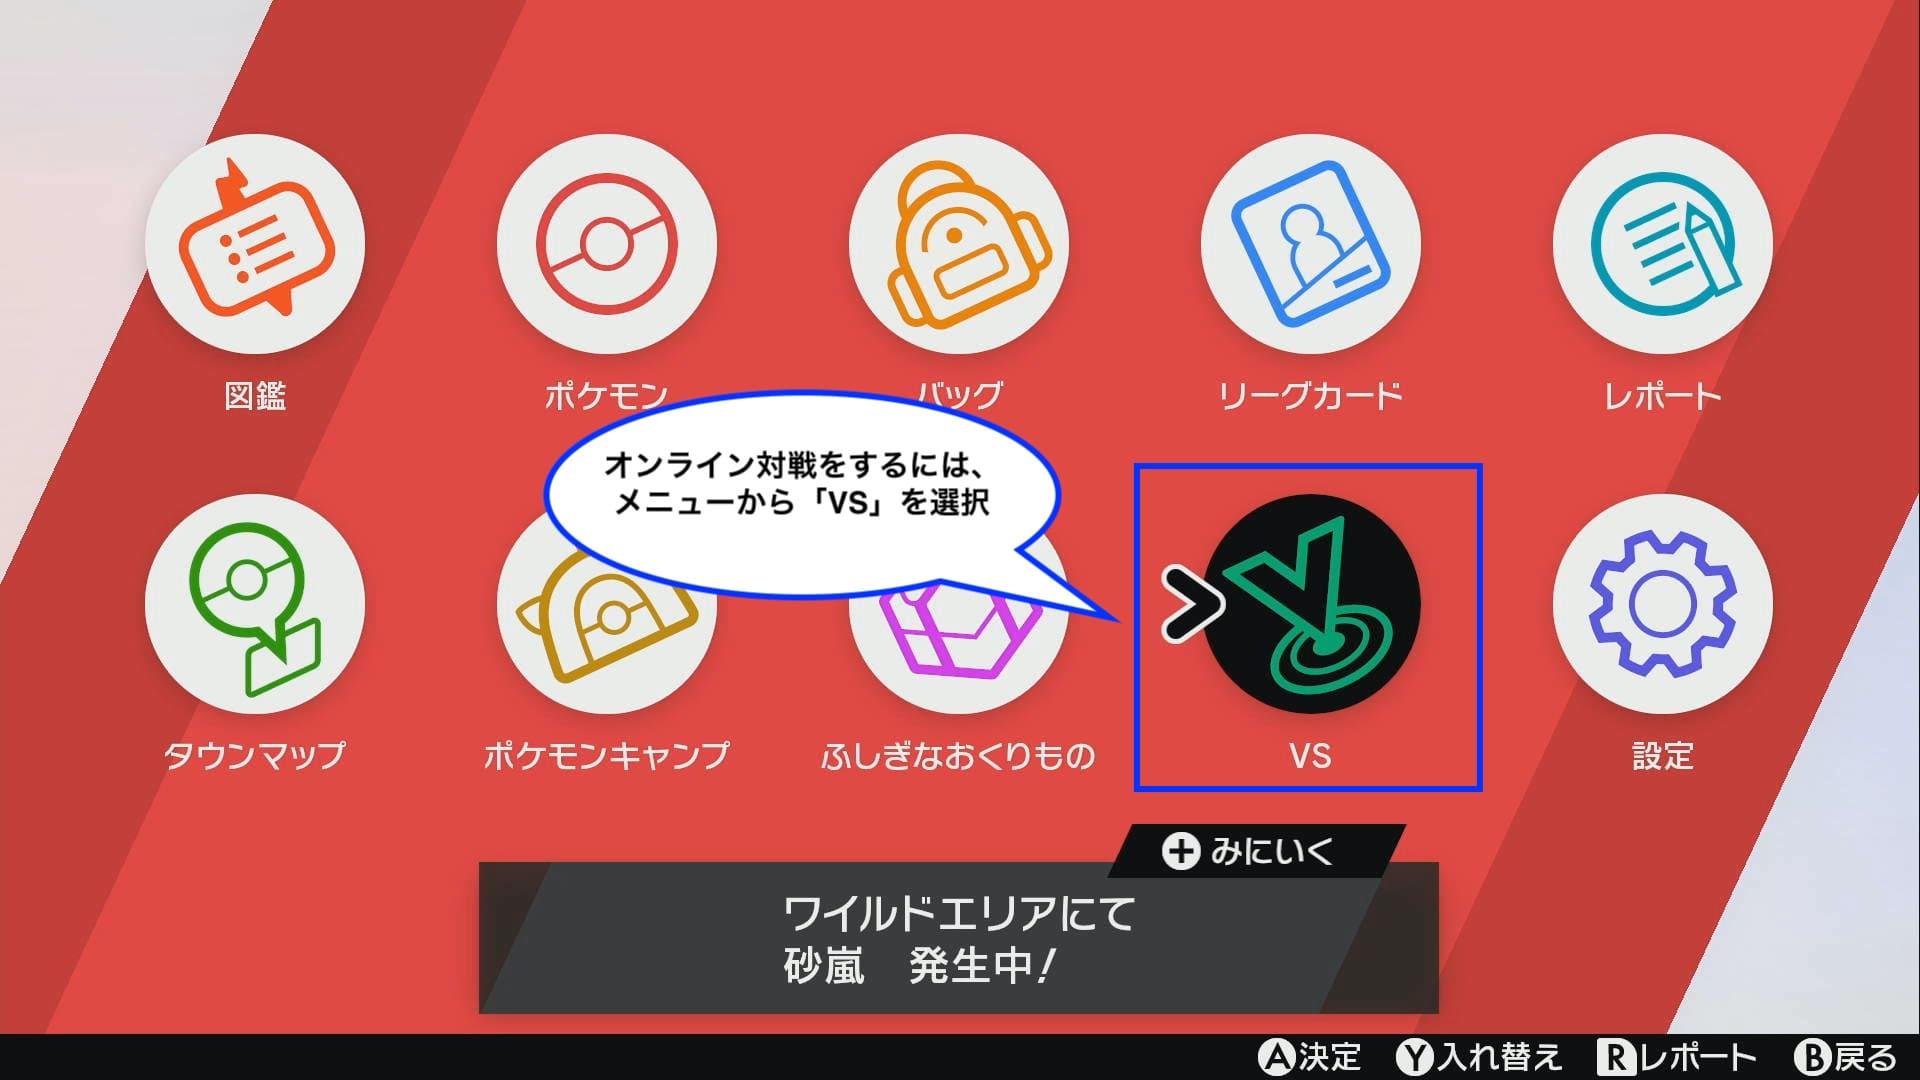 対戦 ポケモン オンライン